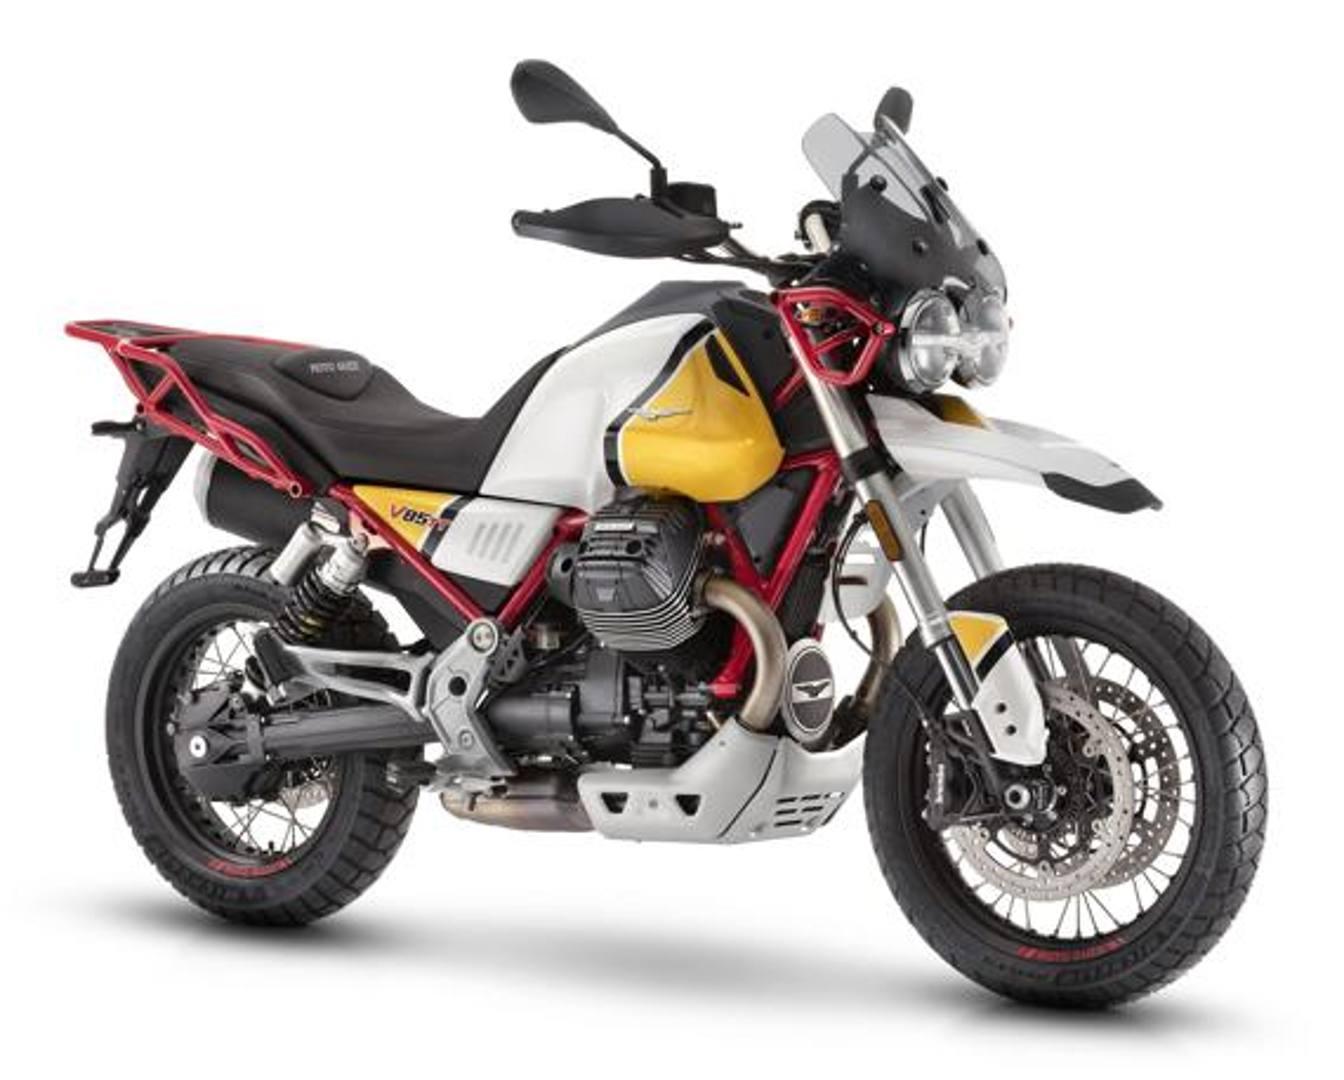 Il bianco-giallo della Moto Guzzi V85 TT è un omaggio alla V65 dakariana